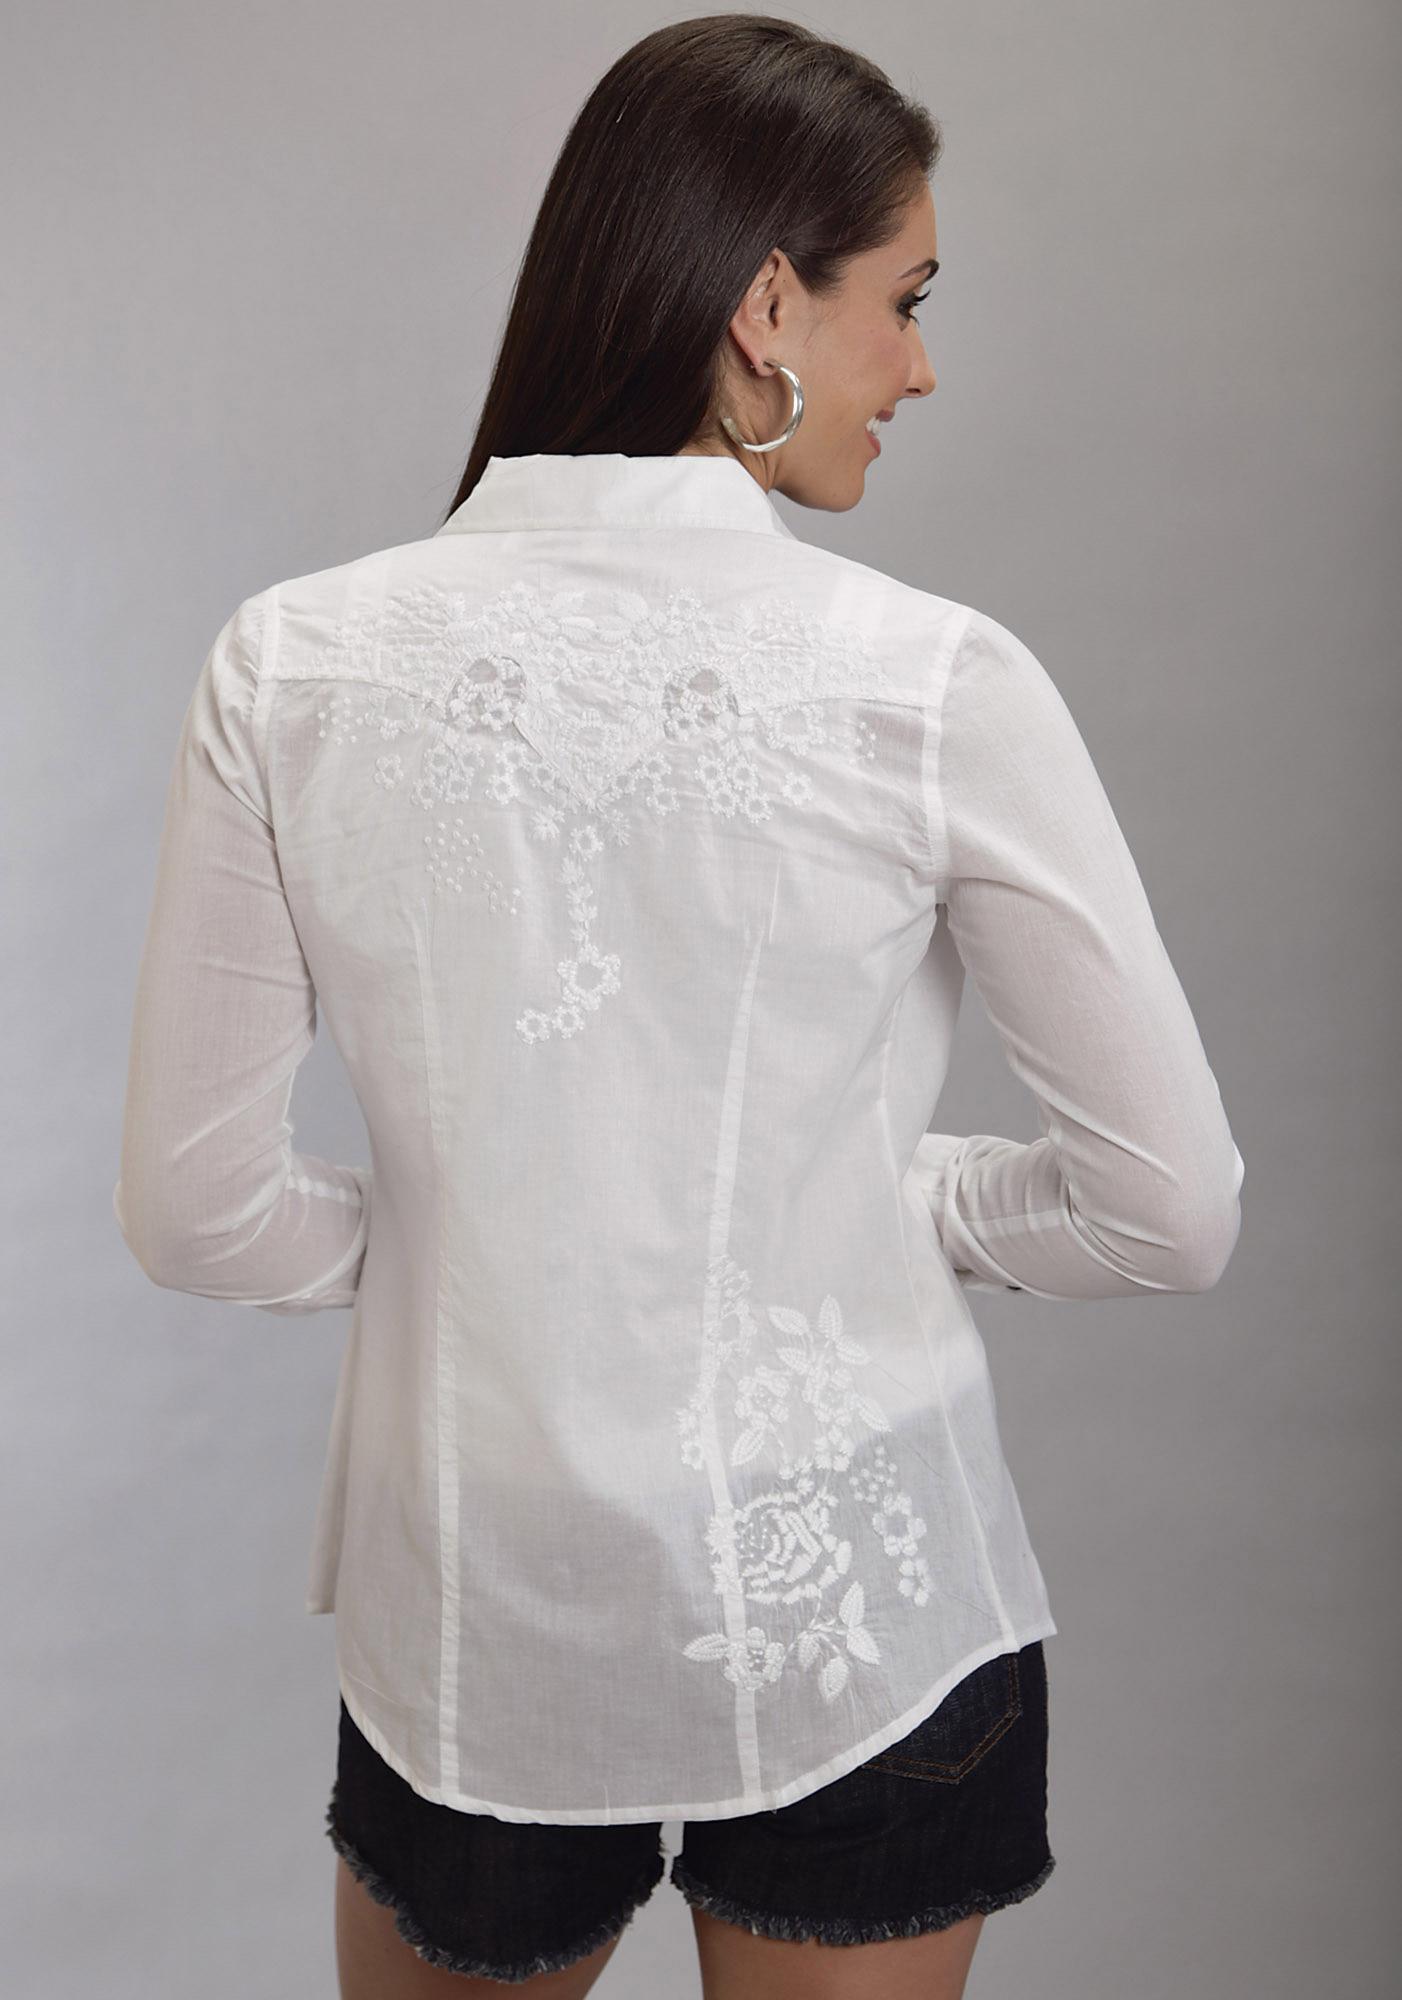 Stetson Women's Crisp White Cotton Lawn Western Shirt